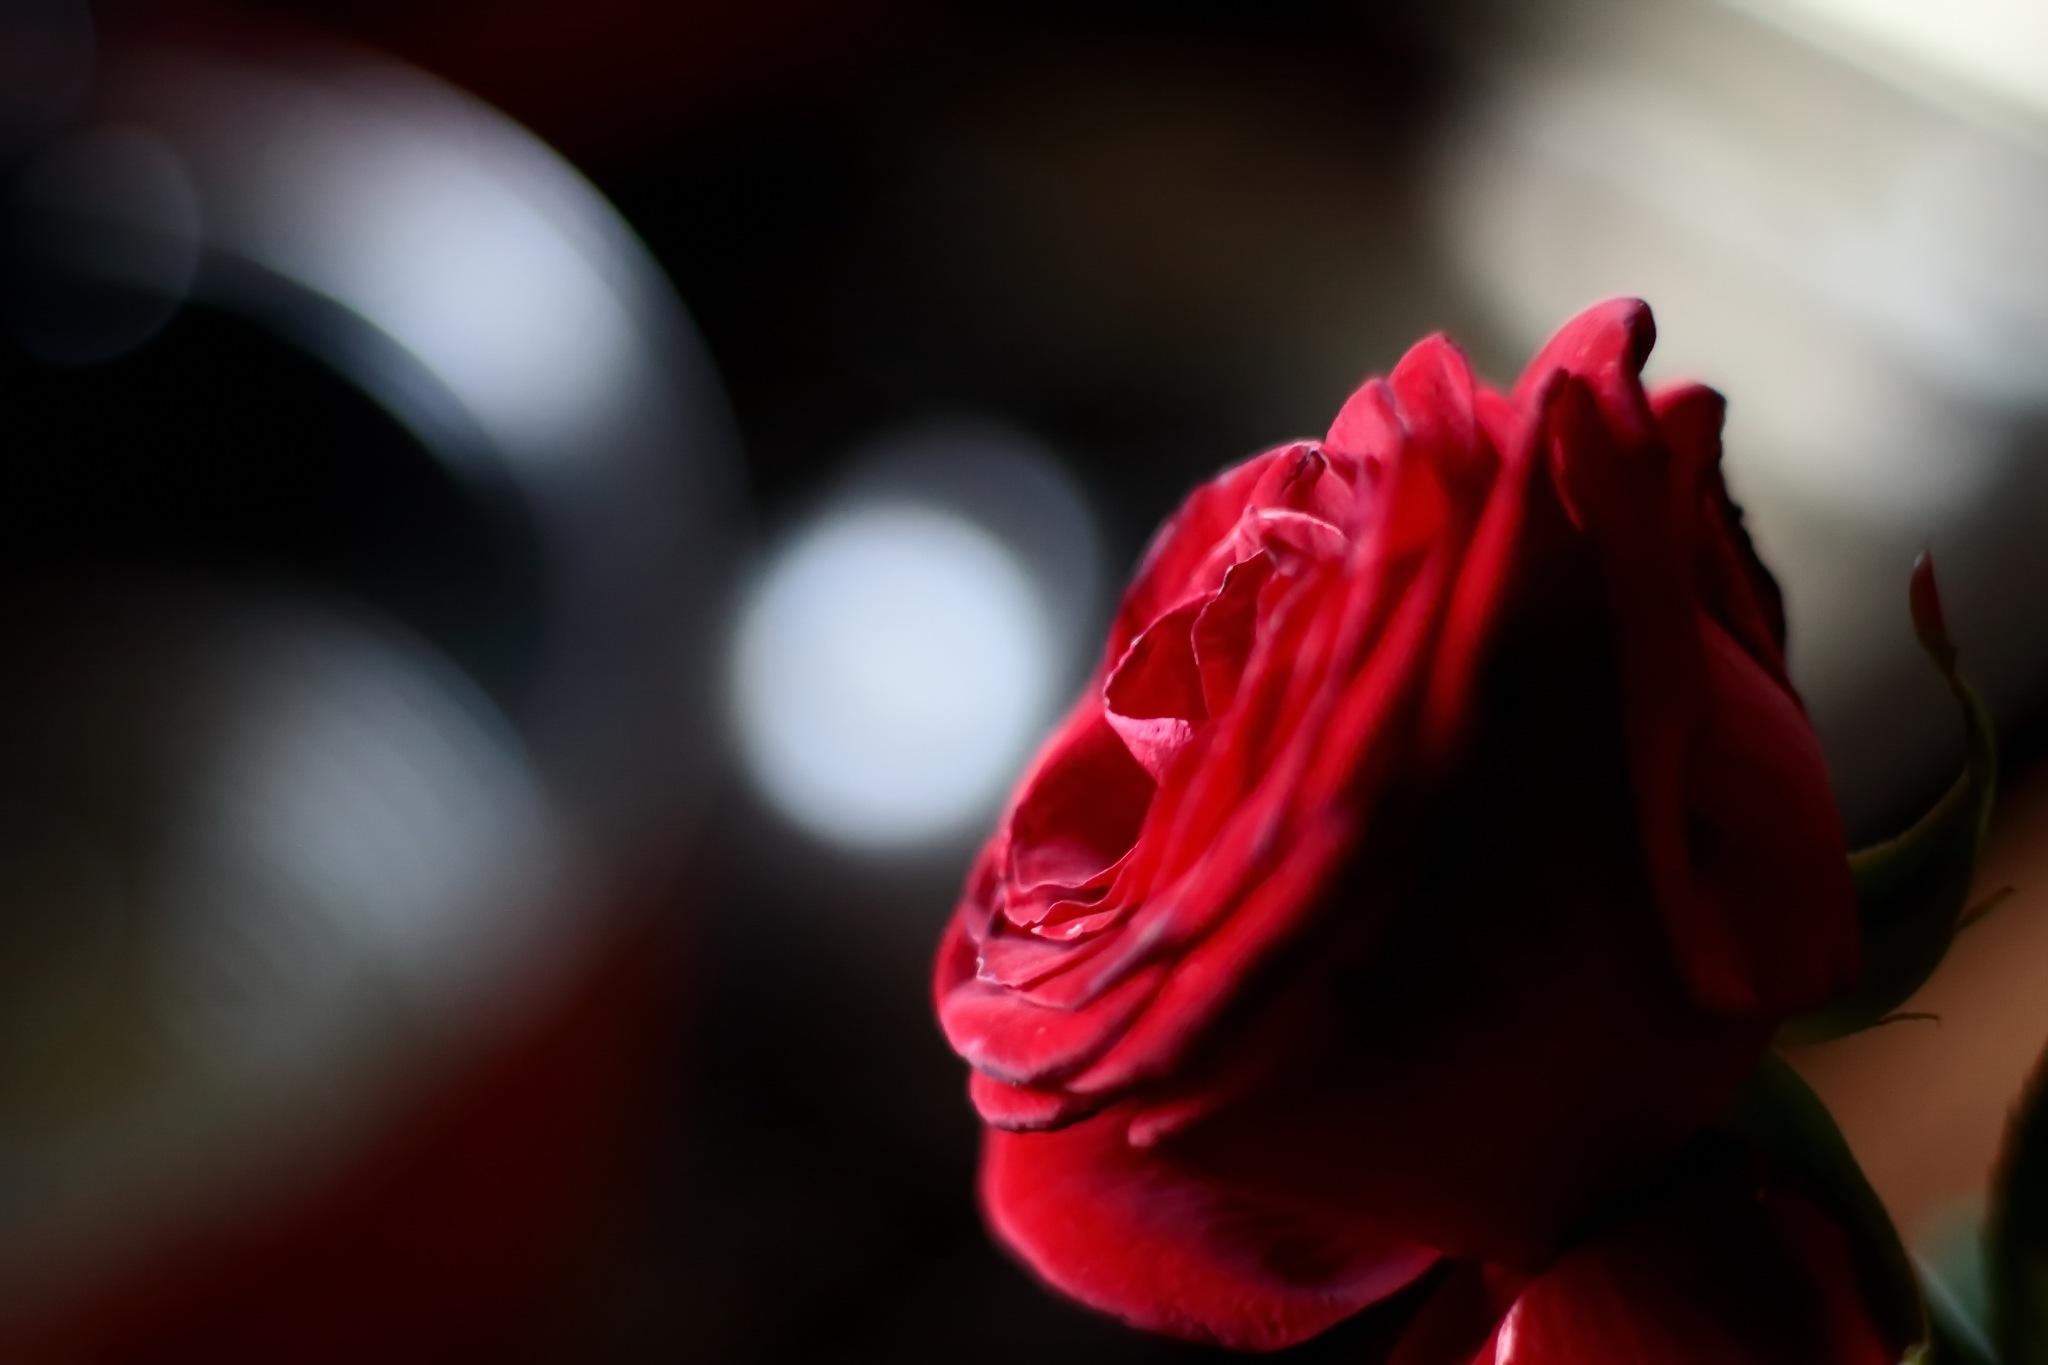 Rose by Radu Ioan